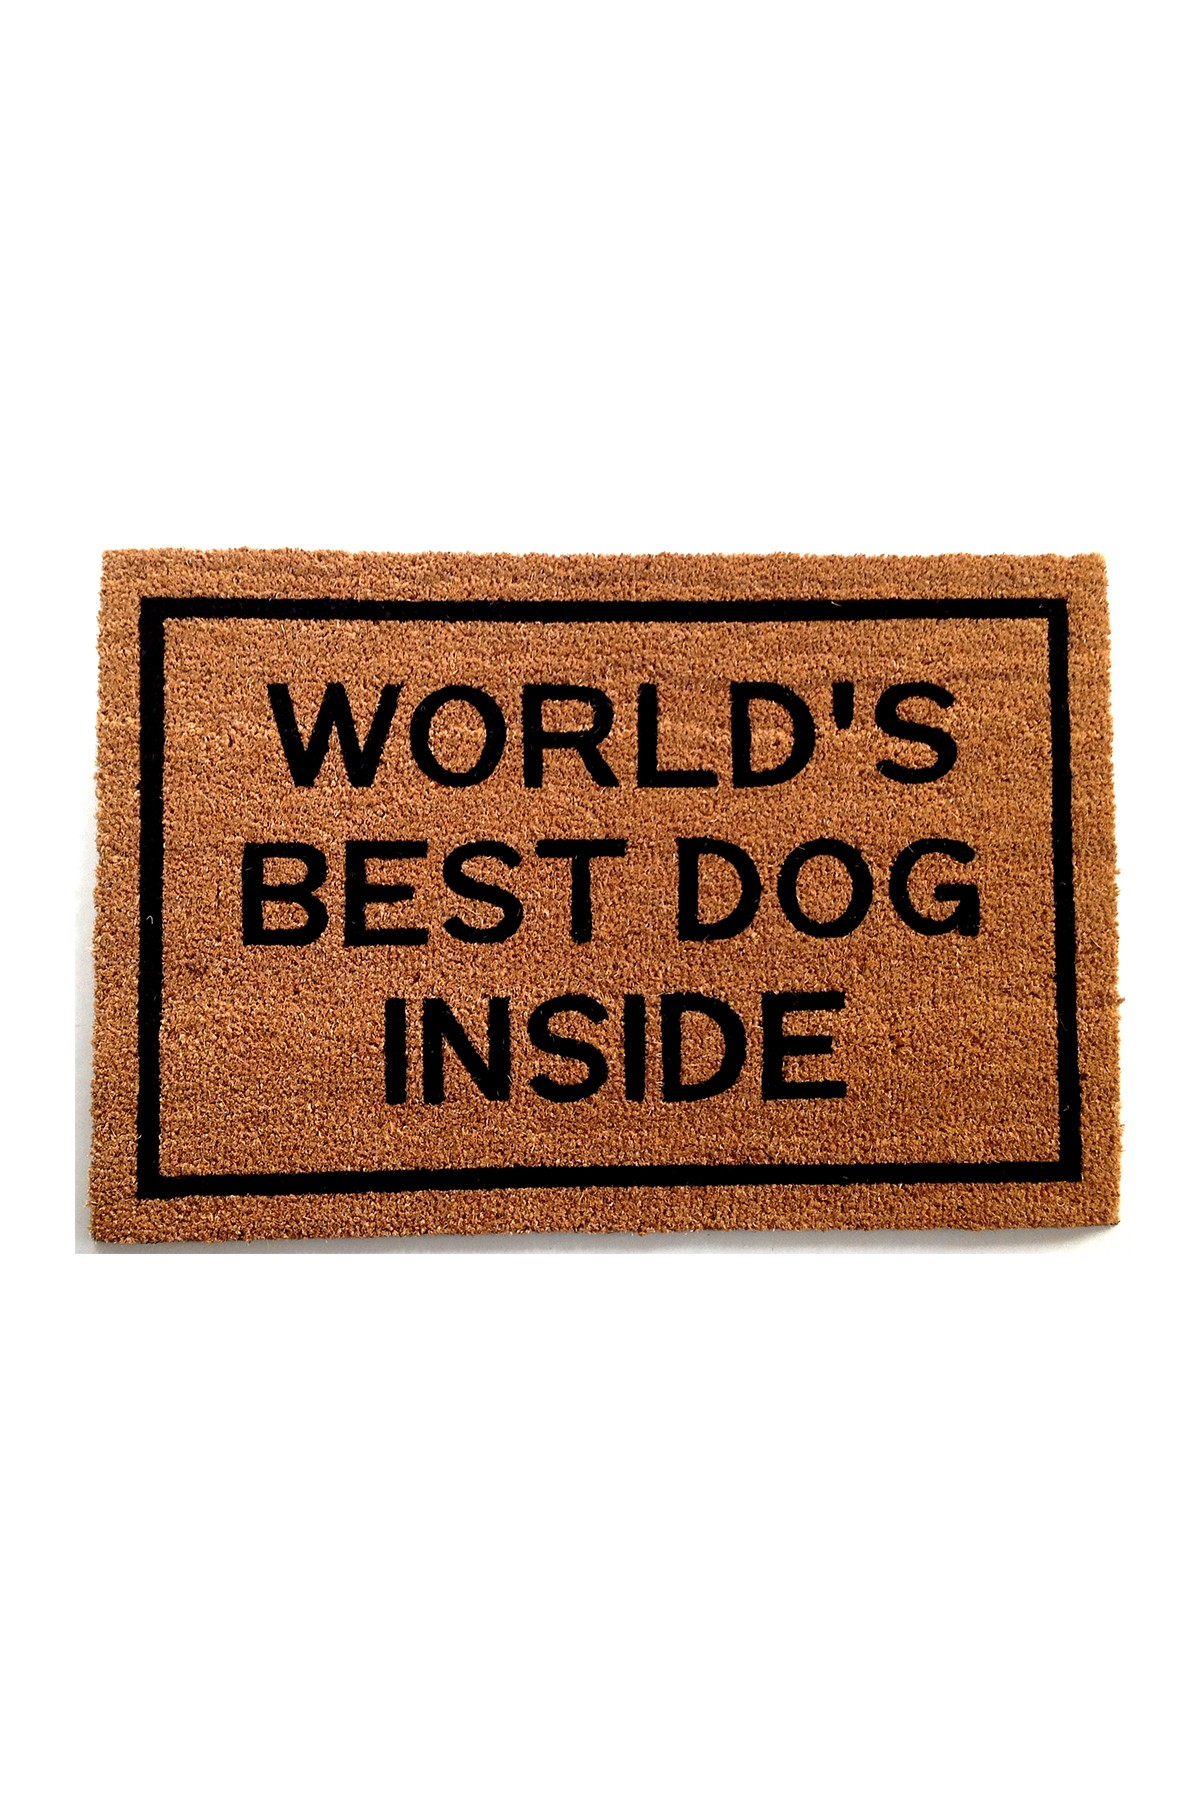 Worldu0027s Best Dog Inside Coir Doormat By Clever Doormats On @HauteLook